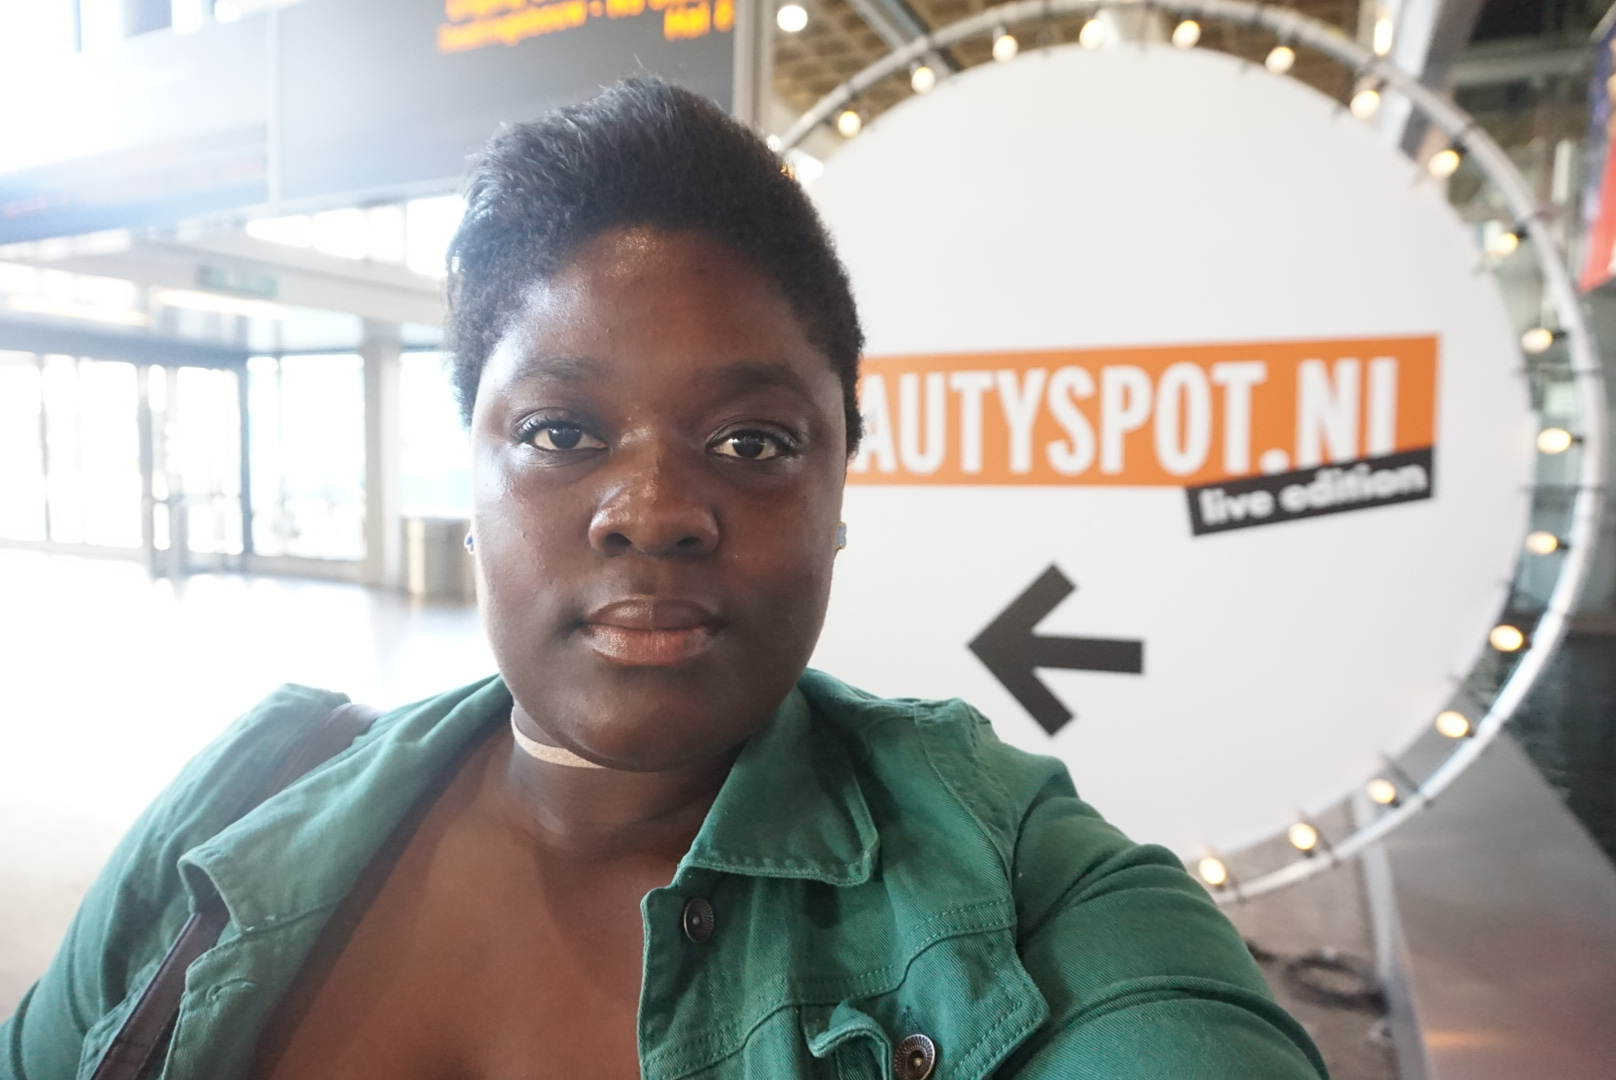 Mee met Jen naar de Beautyspot.nl Beurs | Unboxing Magnitone London